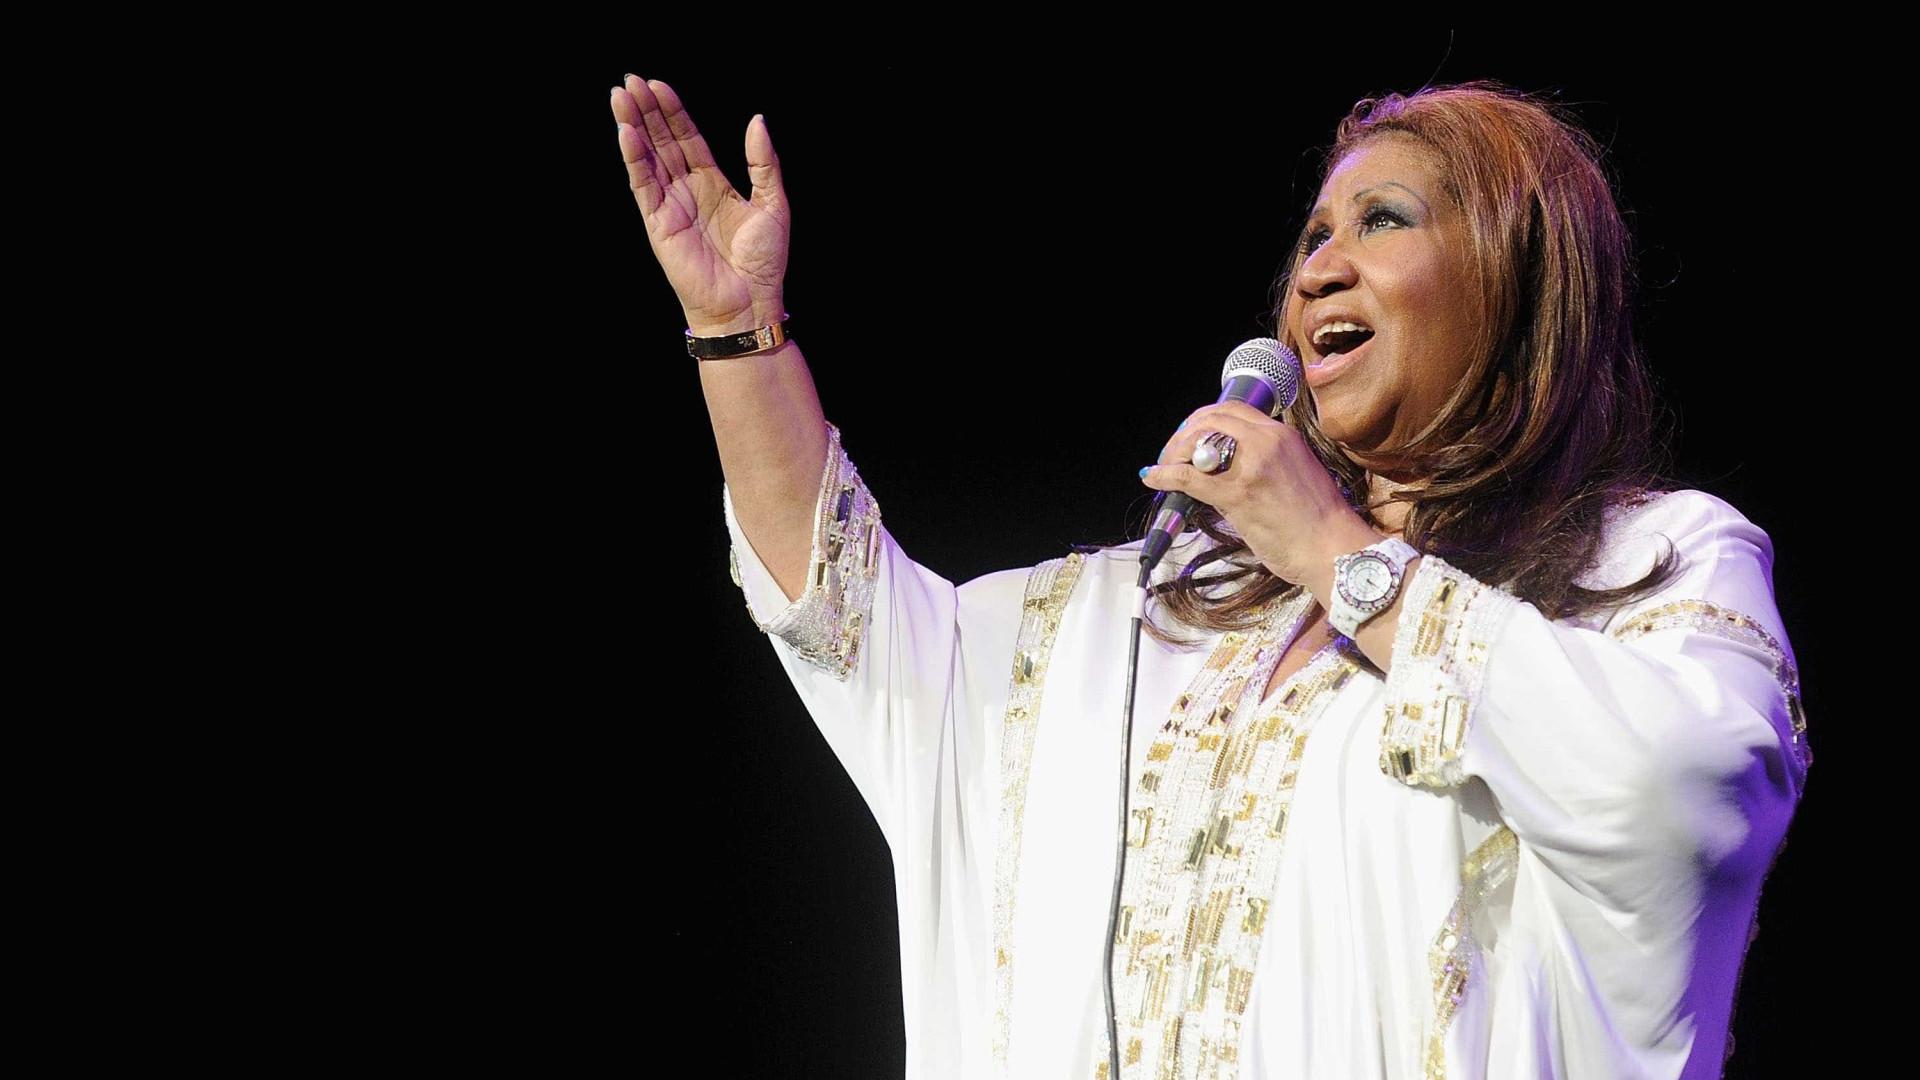 Morreu Aretha Franklin, a rainha do soul